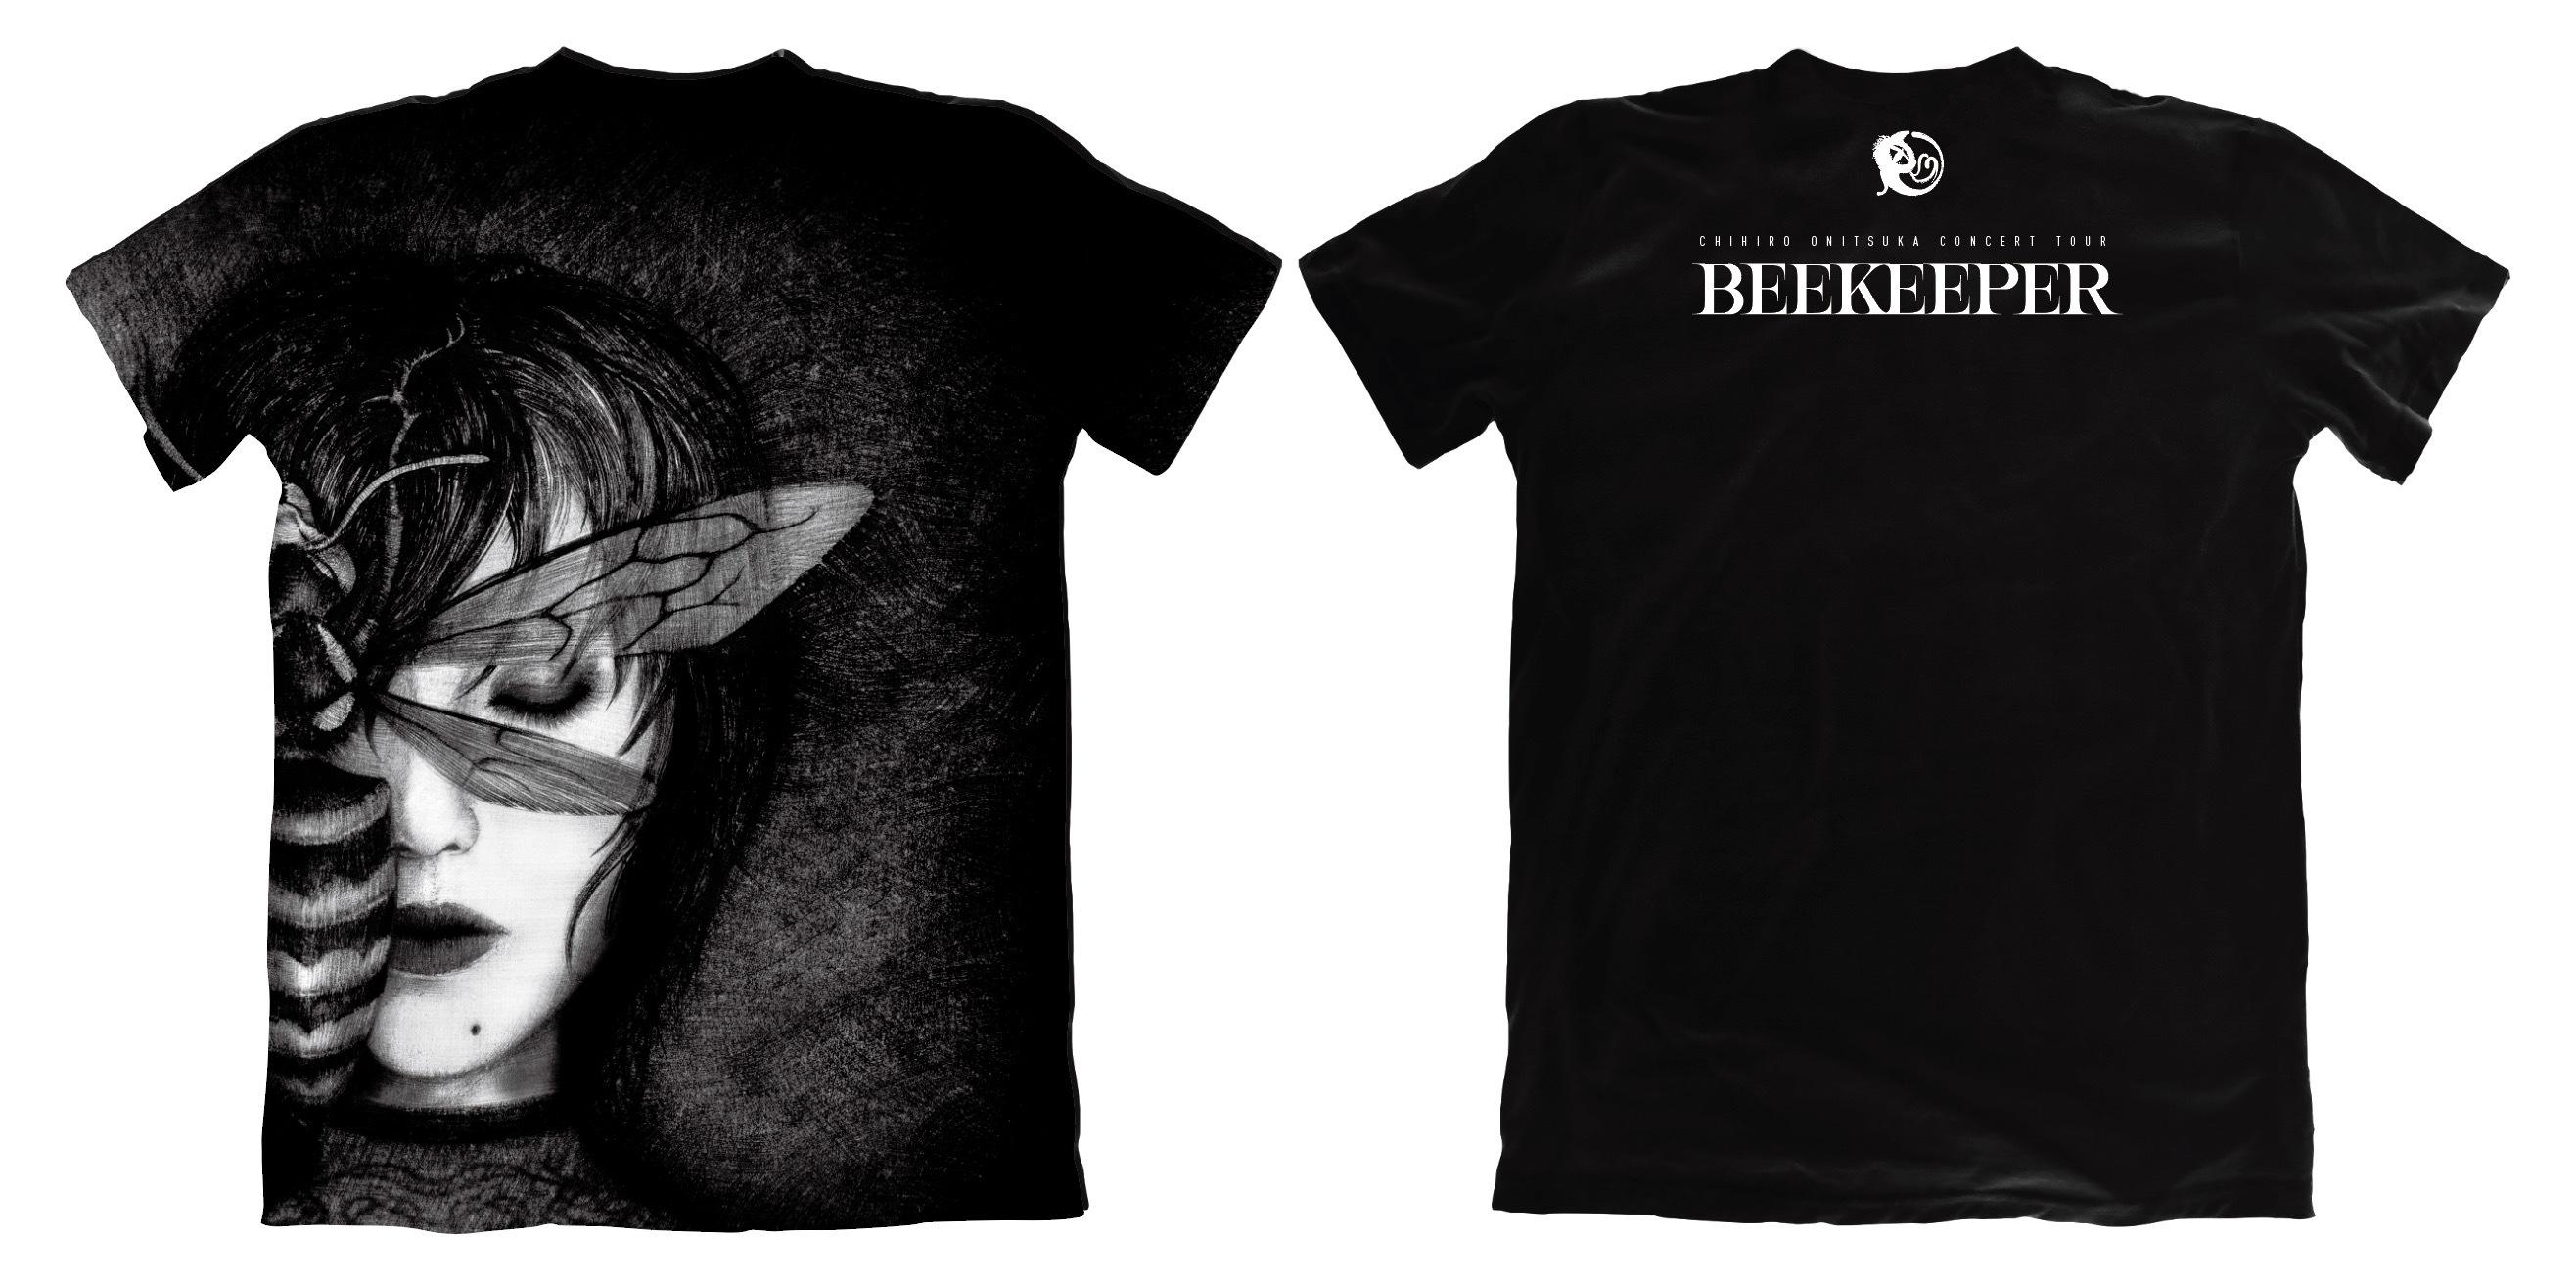 BEEKEEPER 鬼 T-shirt (B)